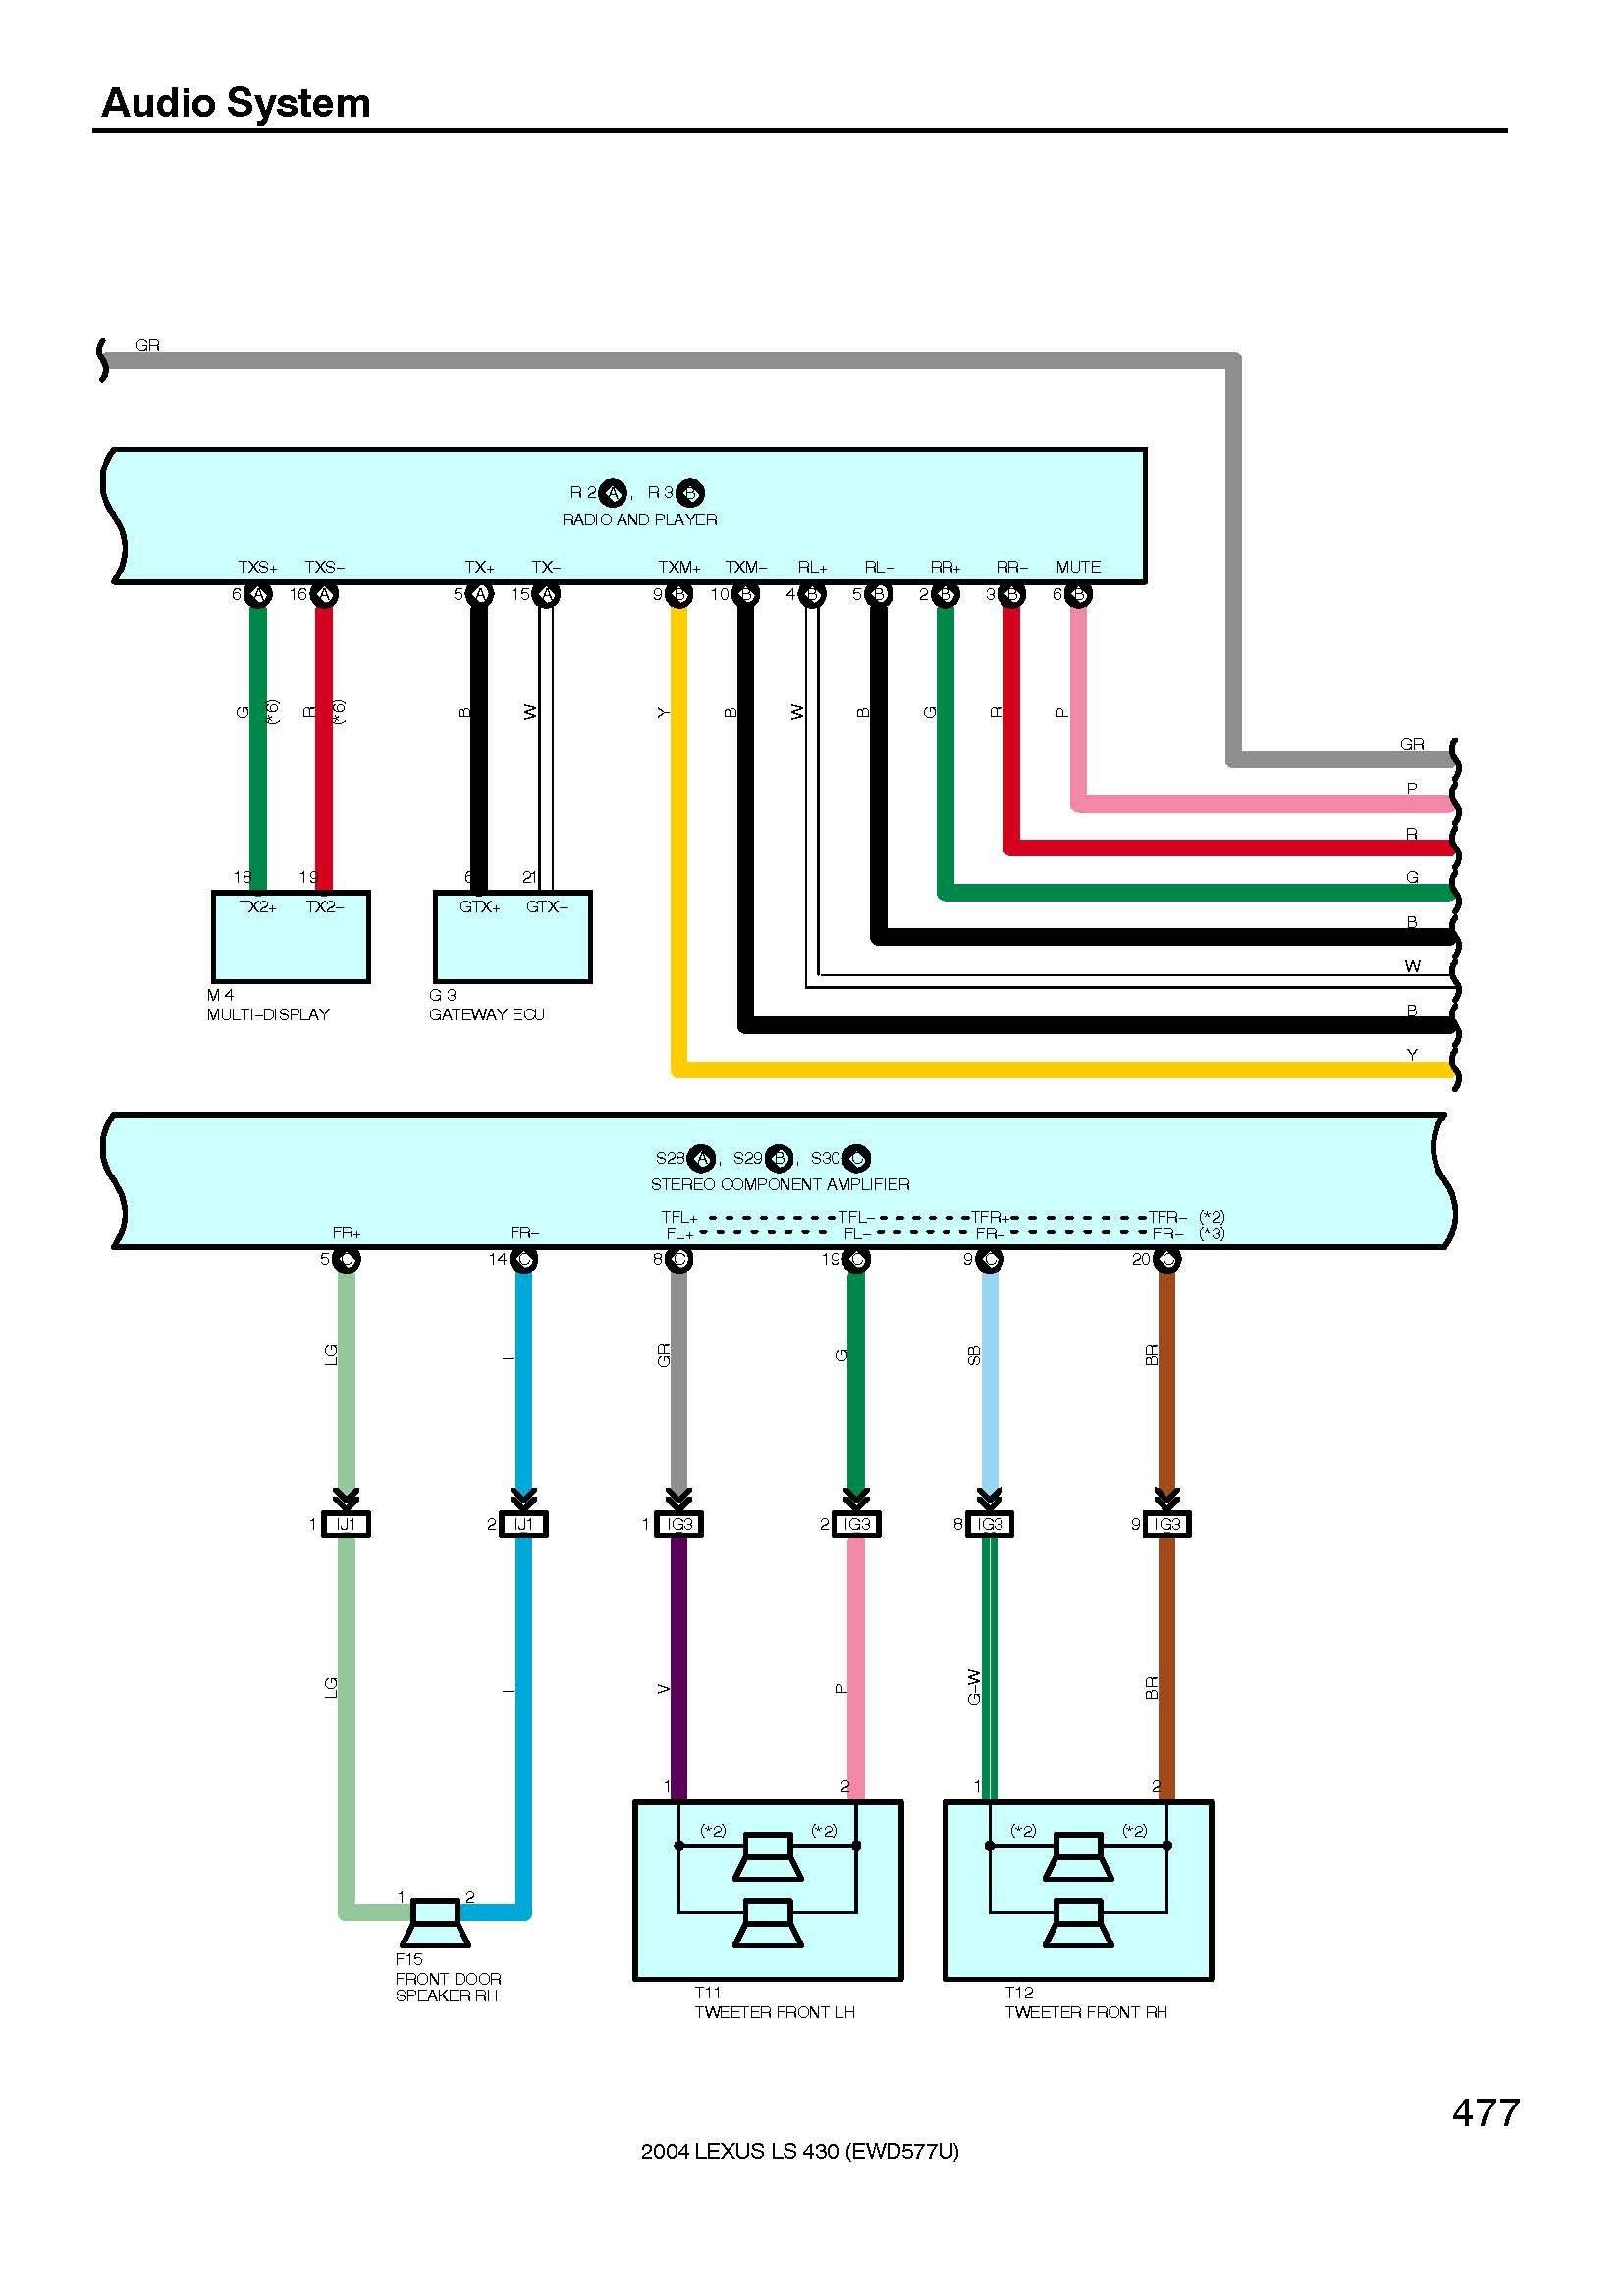 2003 Lexus Ls430 Fuse Diagram